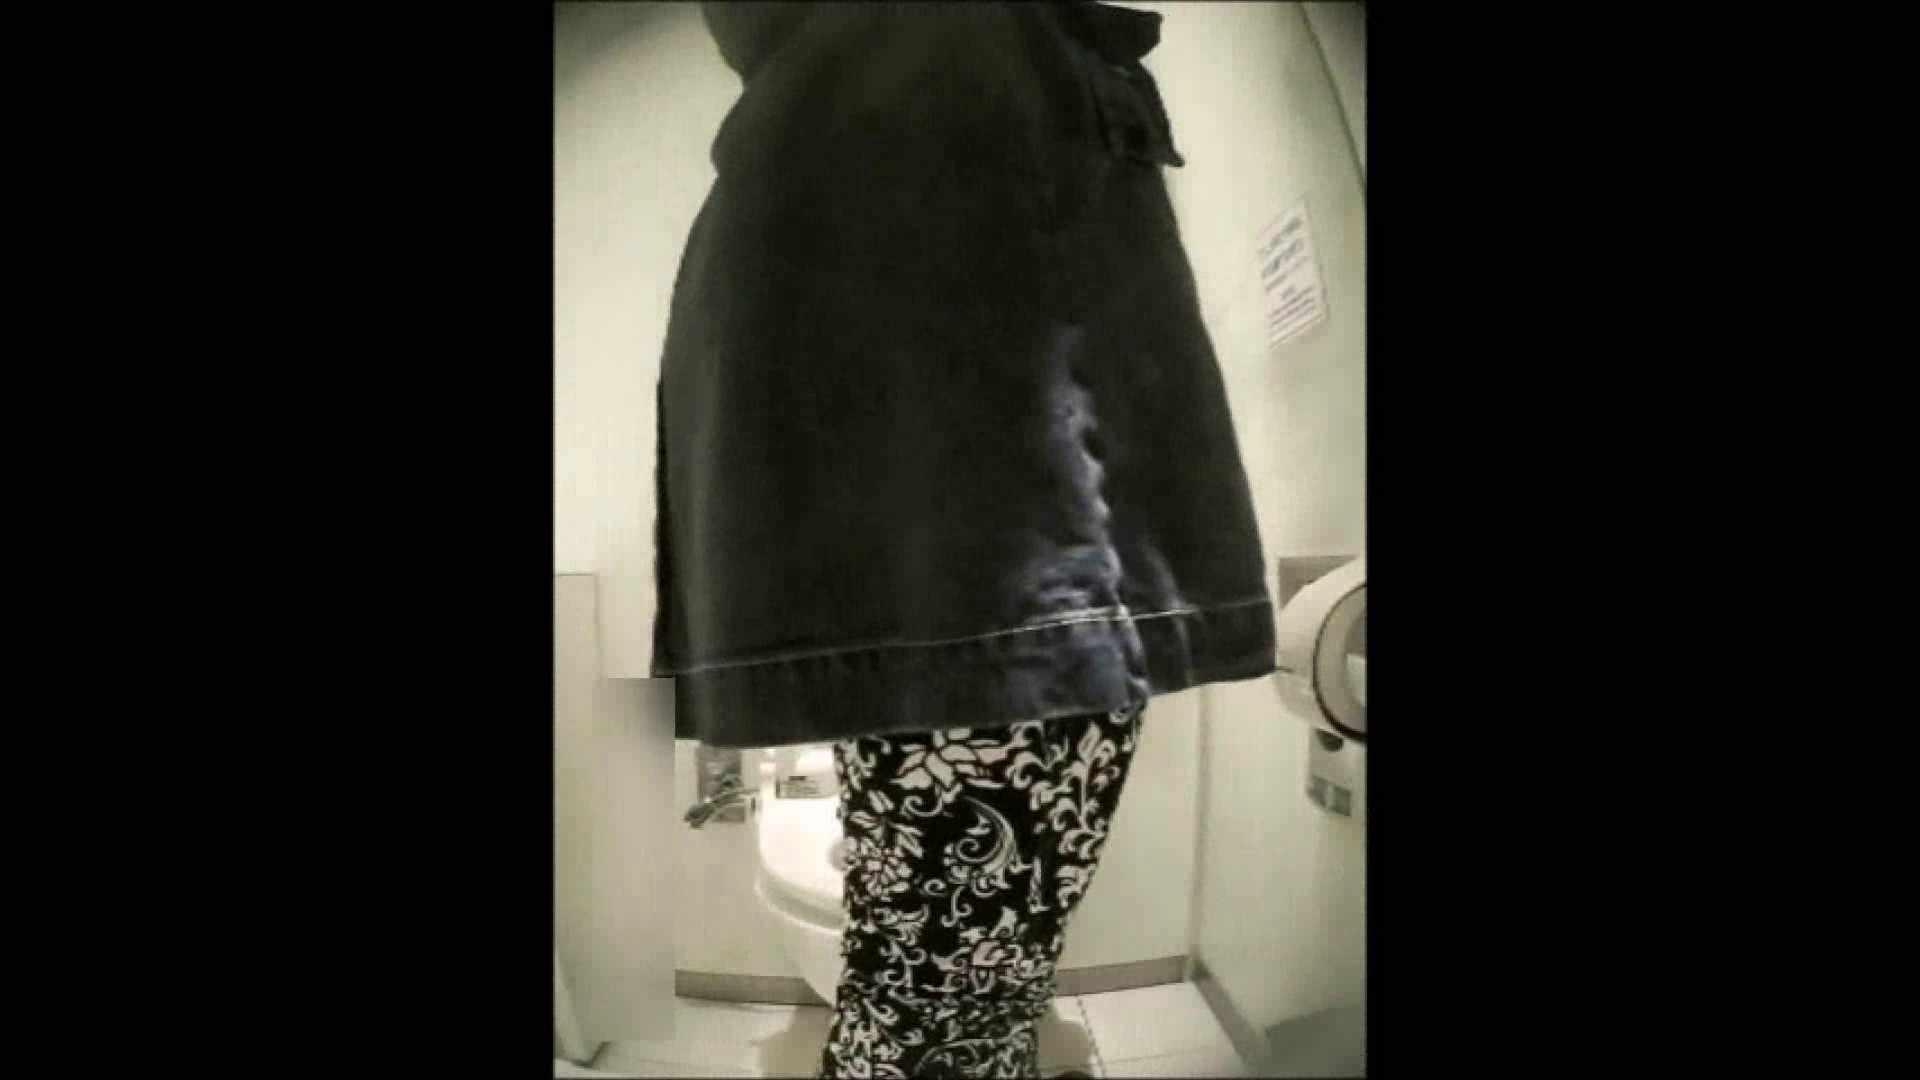 洗面所盗撮~隣の美人お姉さんVol.21 盗撮 | OLセックス  88画像 43